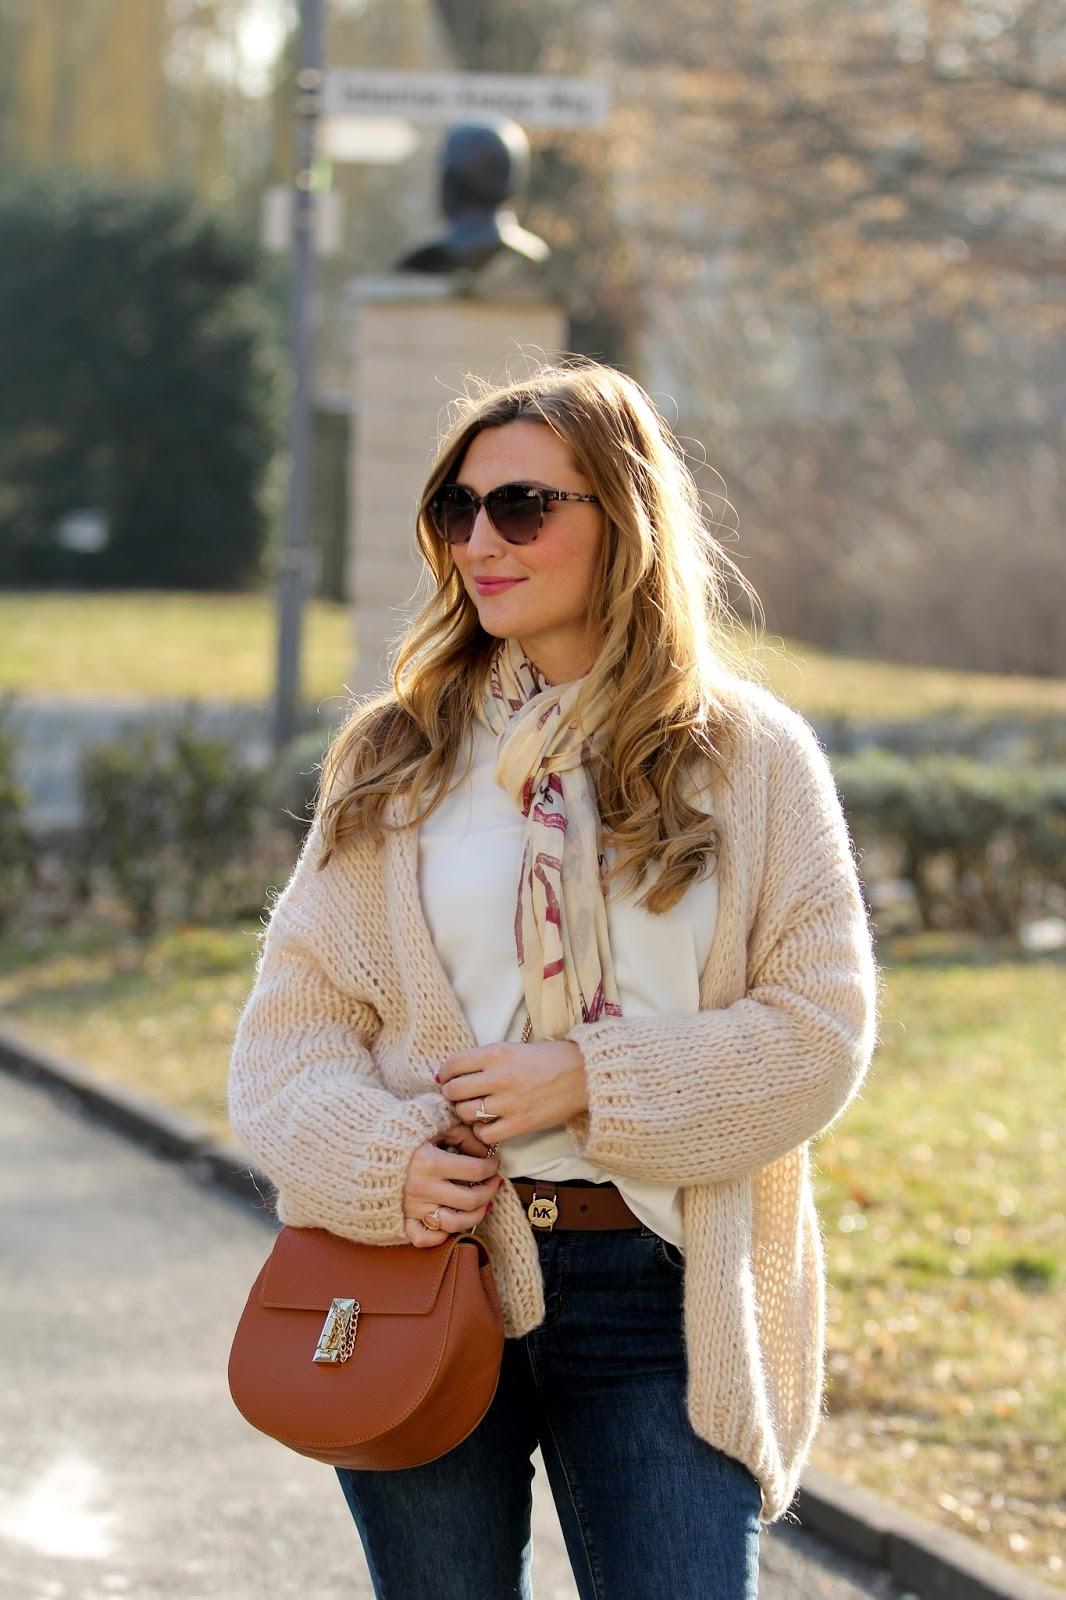 Sonnenbrille-von-gerry-weber-valentino-schal-H&M-H&M Ring-sassyclassy-cardigan